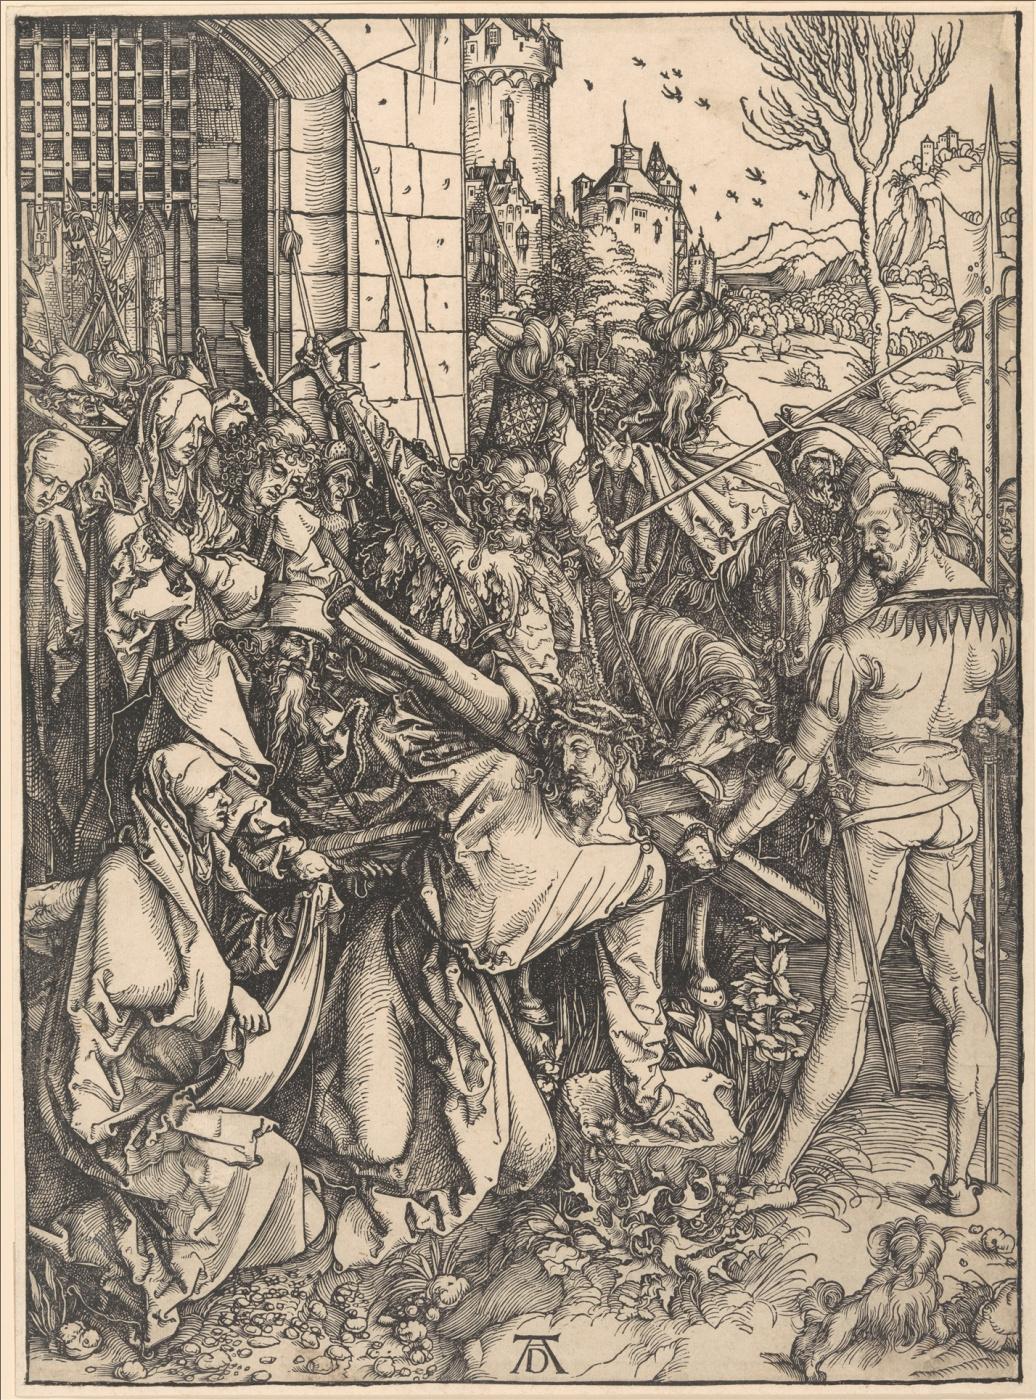 Albrecht Durer. Christ carrying the cross